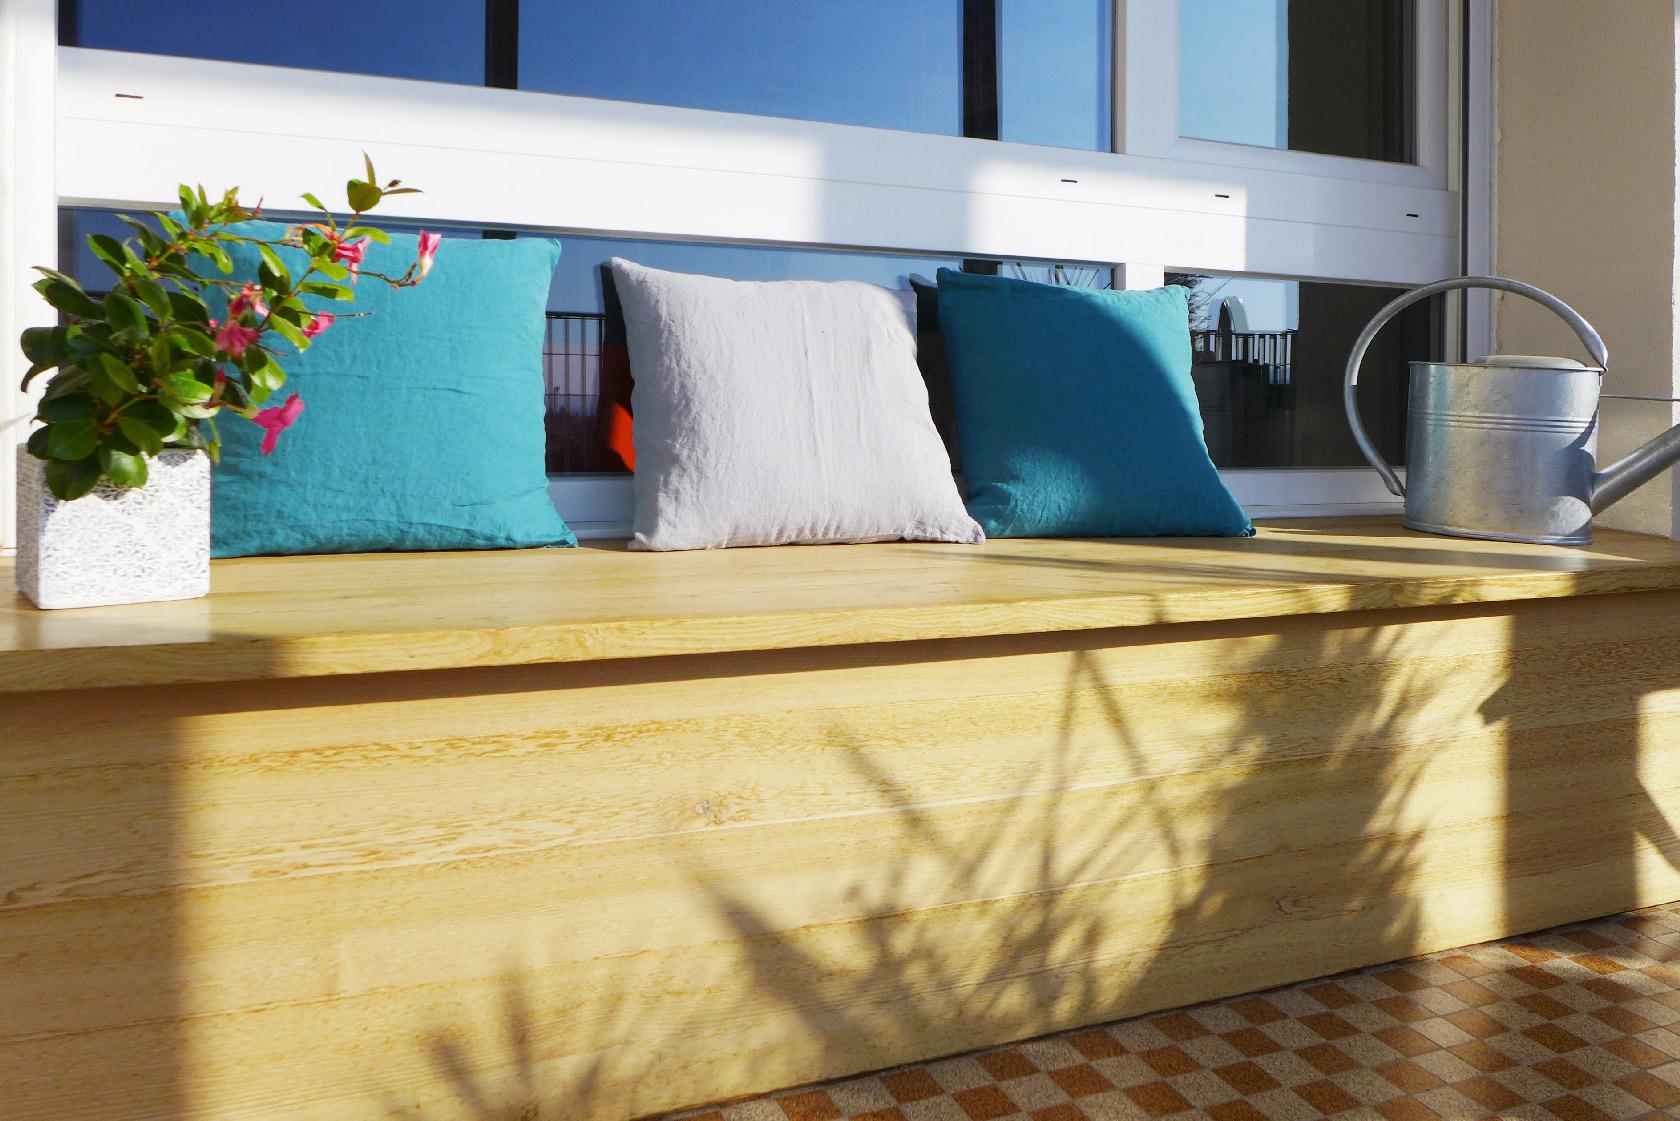 Une banquette en bois prend place devant les fenêtres, sur le balcon.